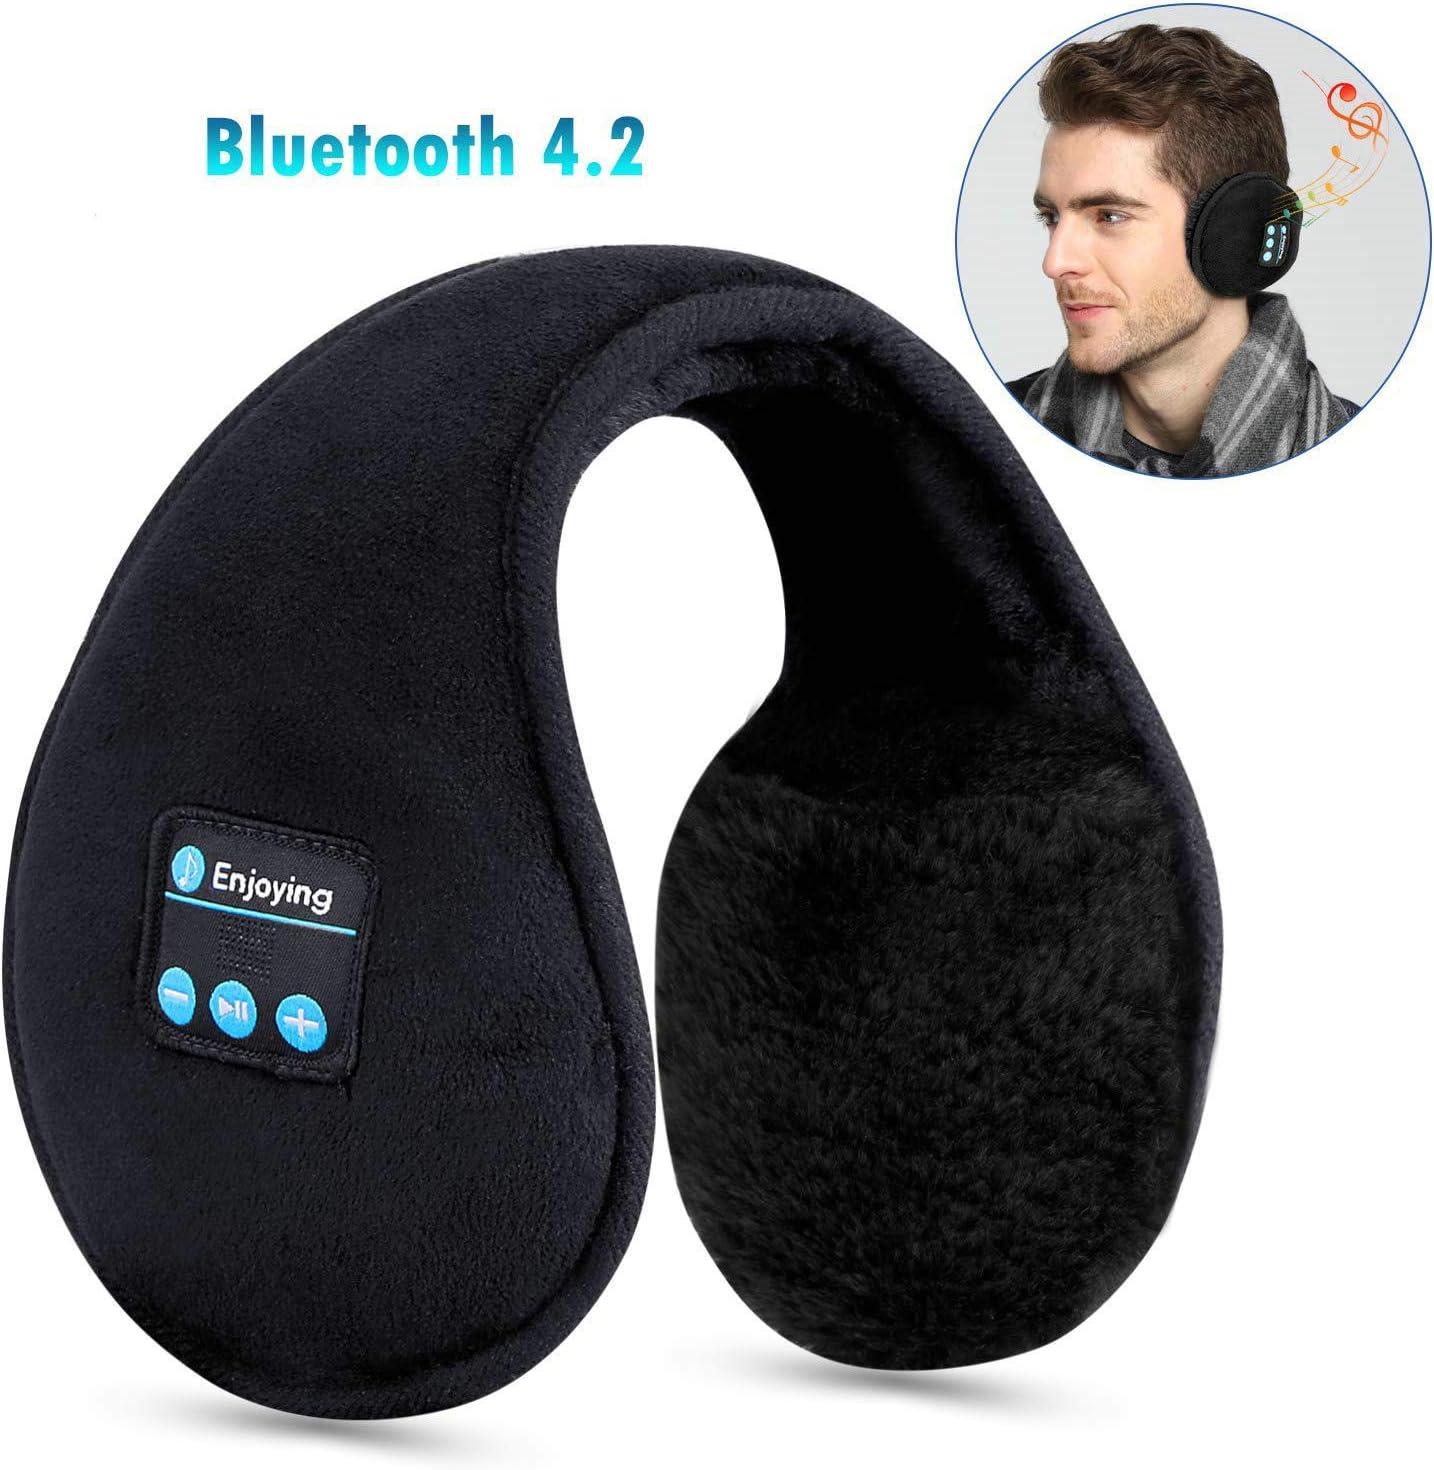 Unisex Winter Warm Bluetoo Earmus Wirel Plush Earphone Music Ear Warmers